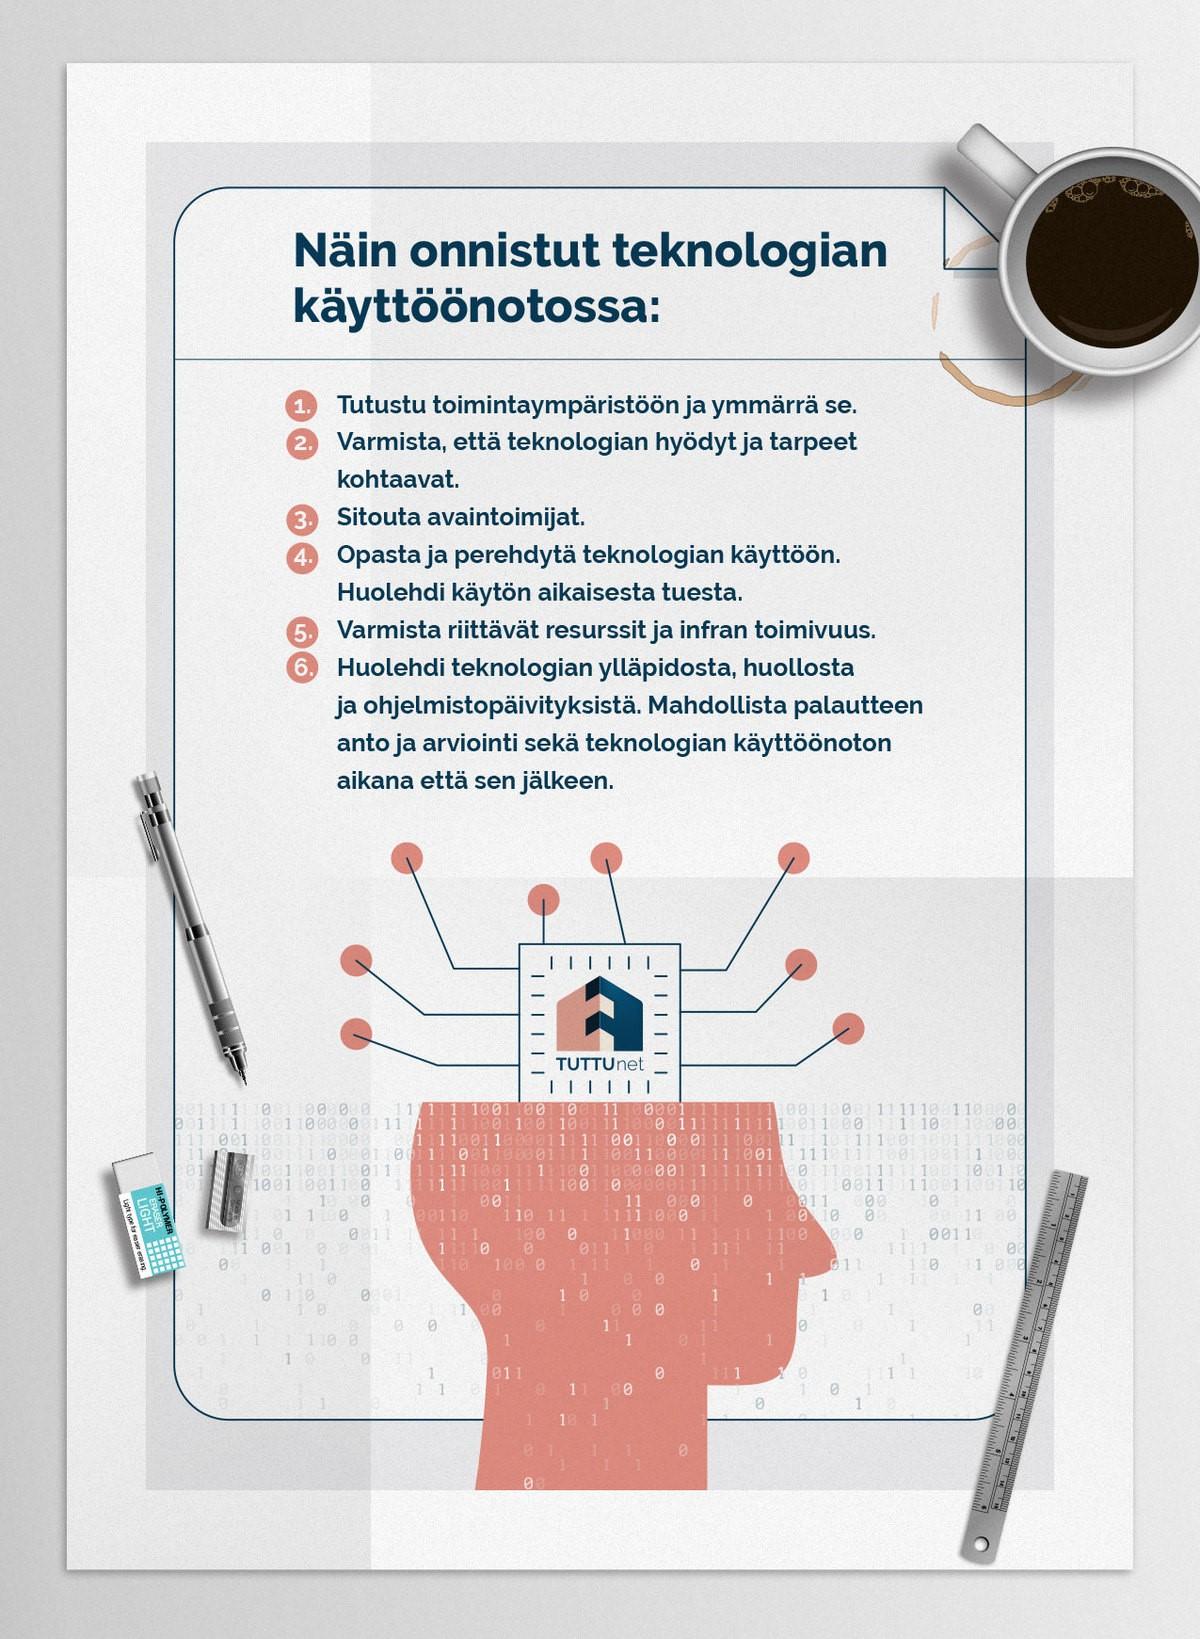 huoneentaulu teknologian käyttöönotosta